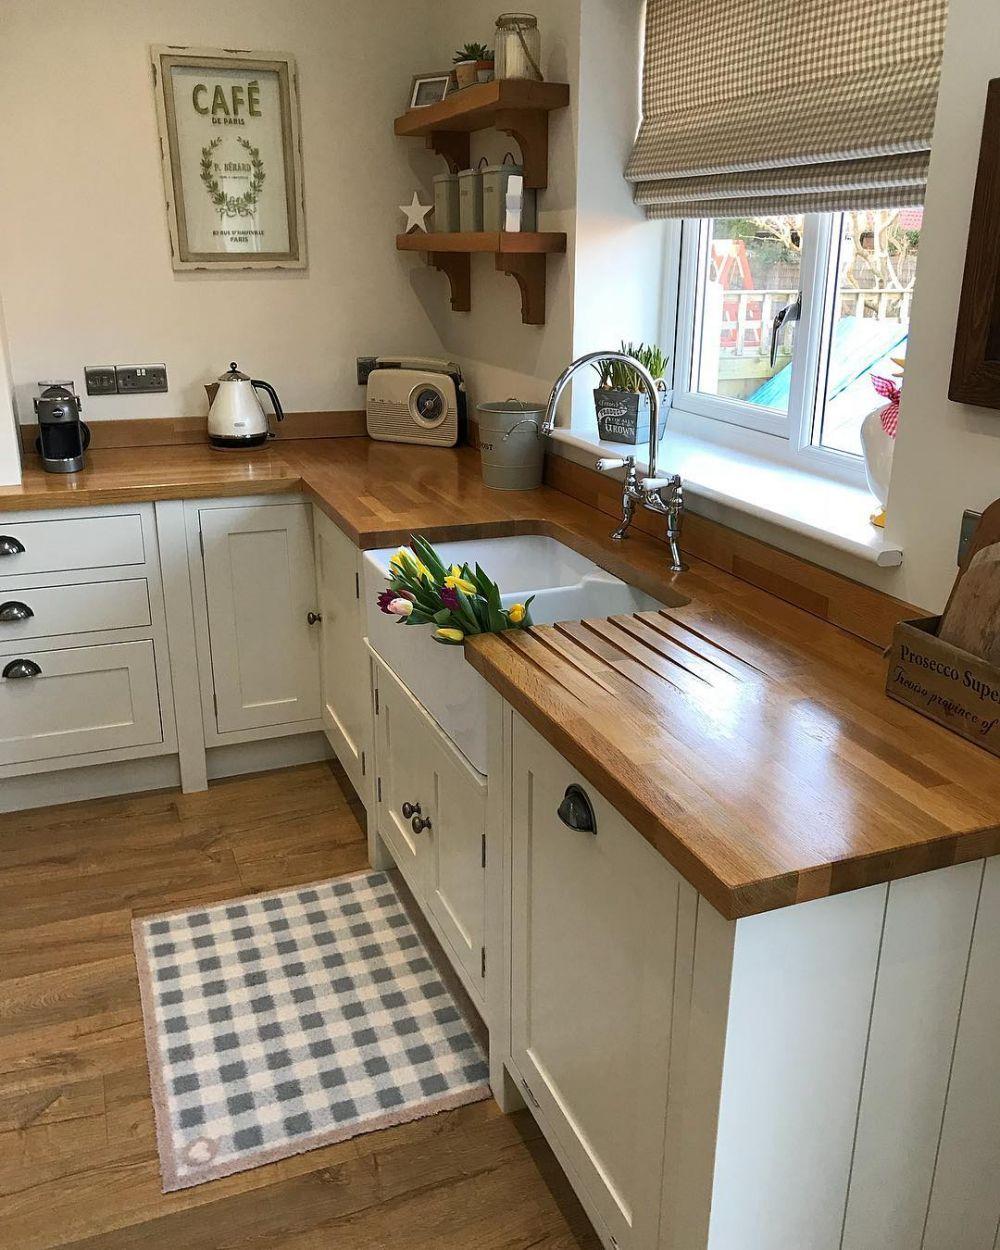 Malas Cuci Piring? Intip 9 Inspirasi Kitchen Sink Ini, Yuk!